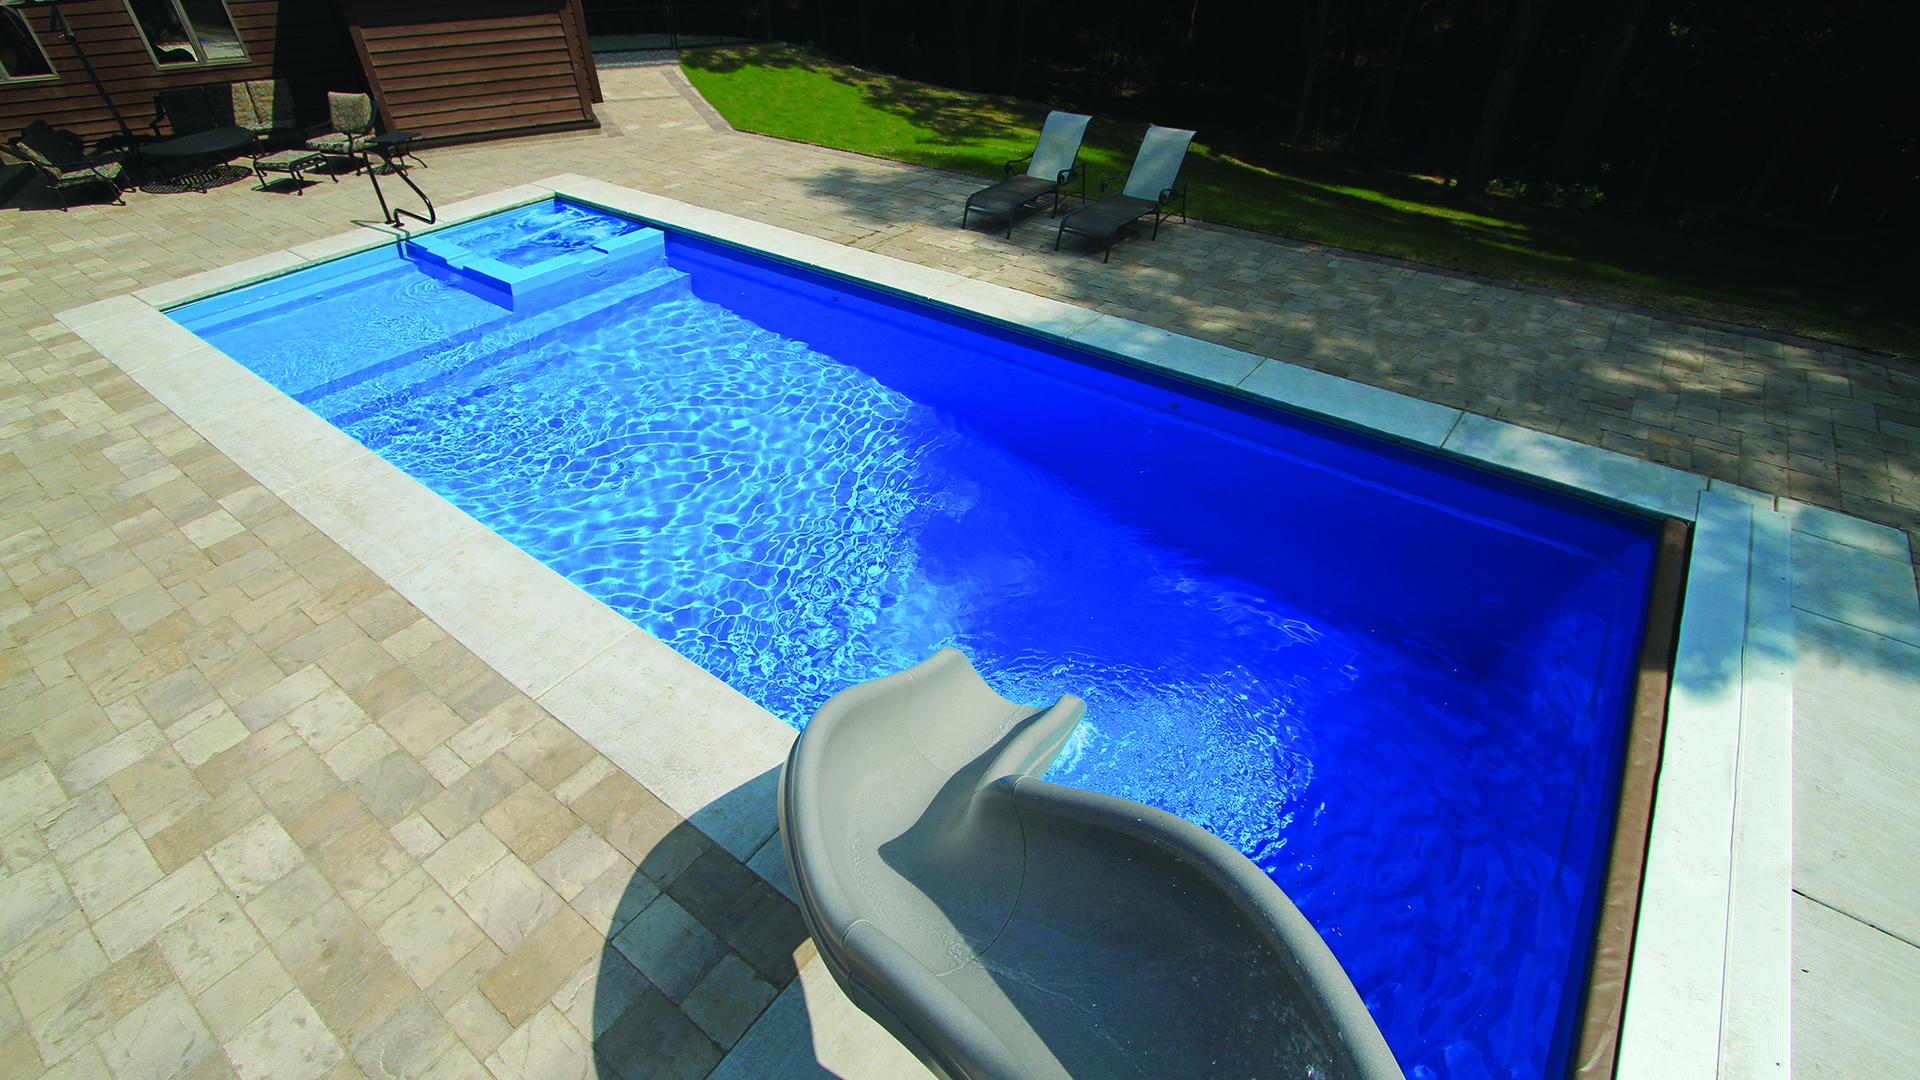 Leisure Pools Ocean Blue Pools And Spas